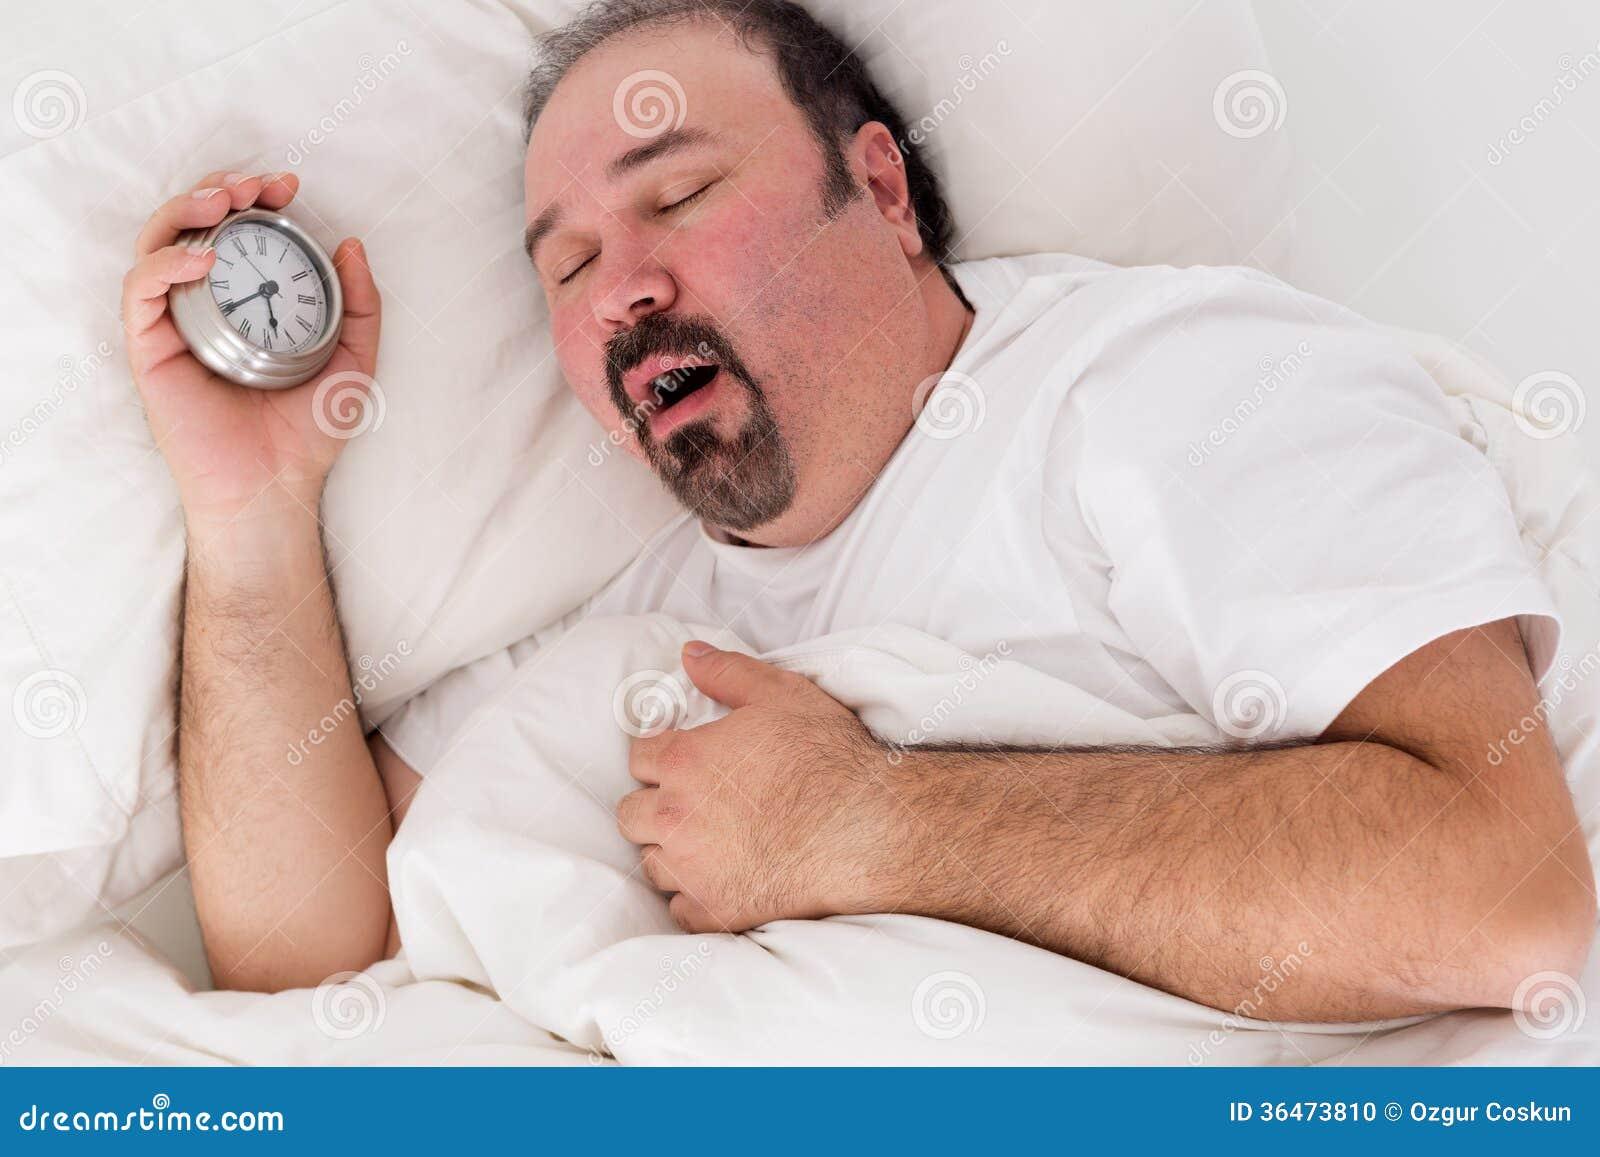 Lethargic Man Yawning As He Struggles To Wake Up Stock ...